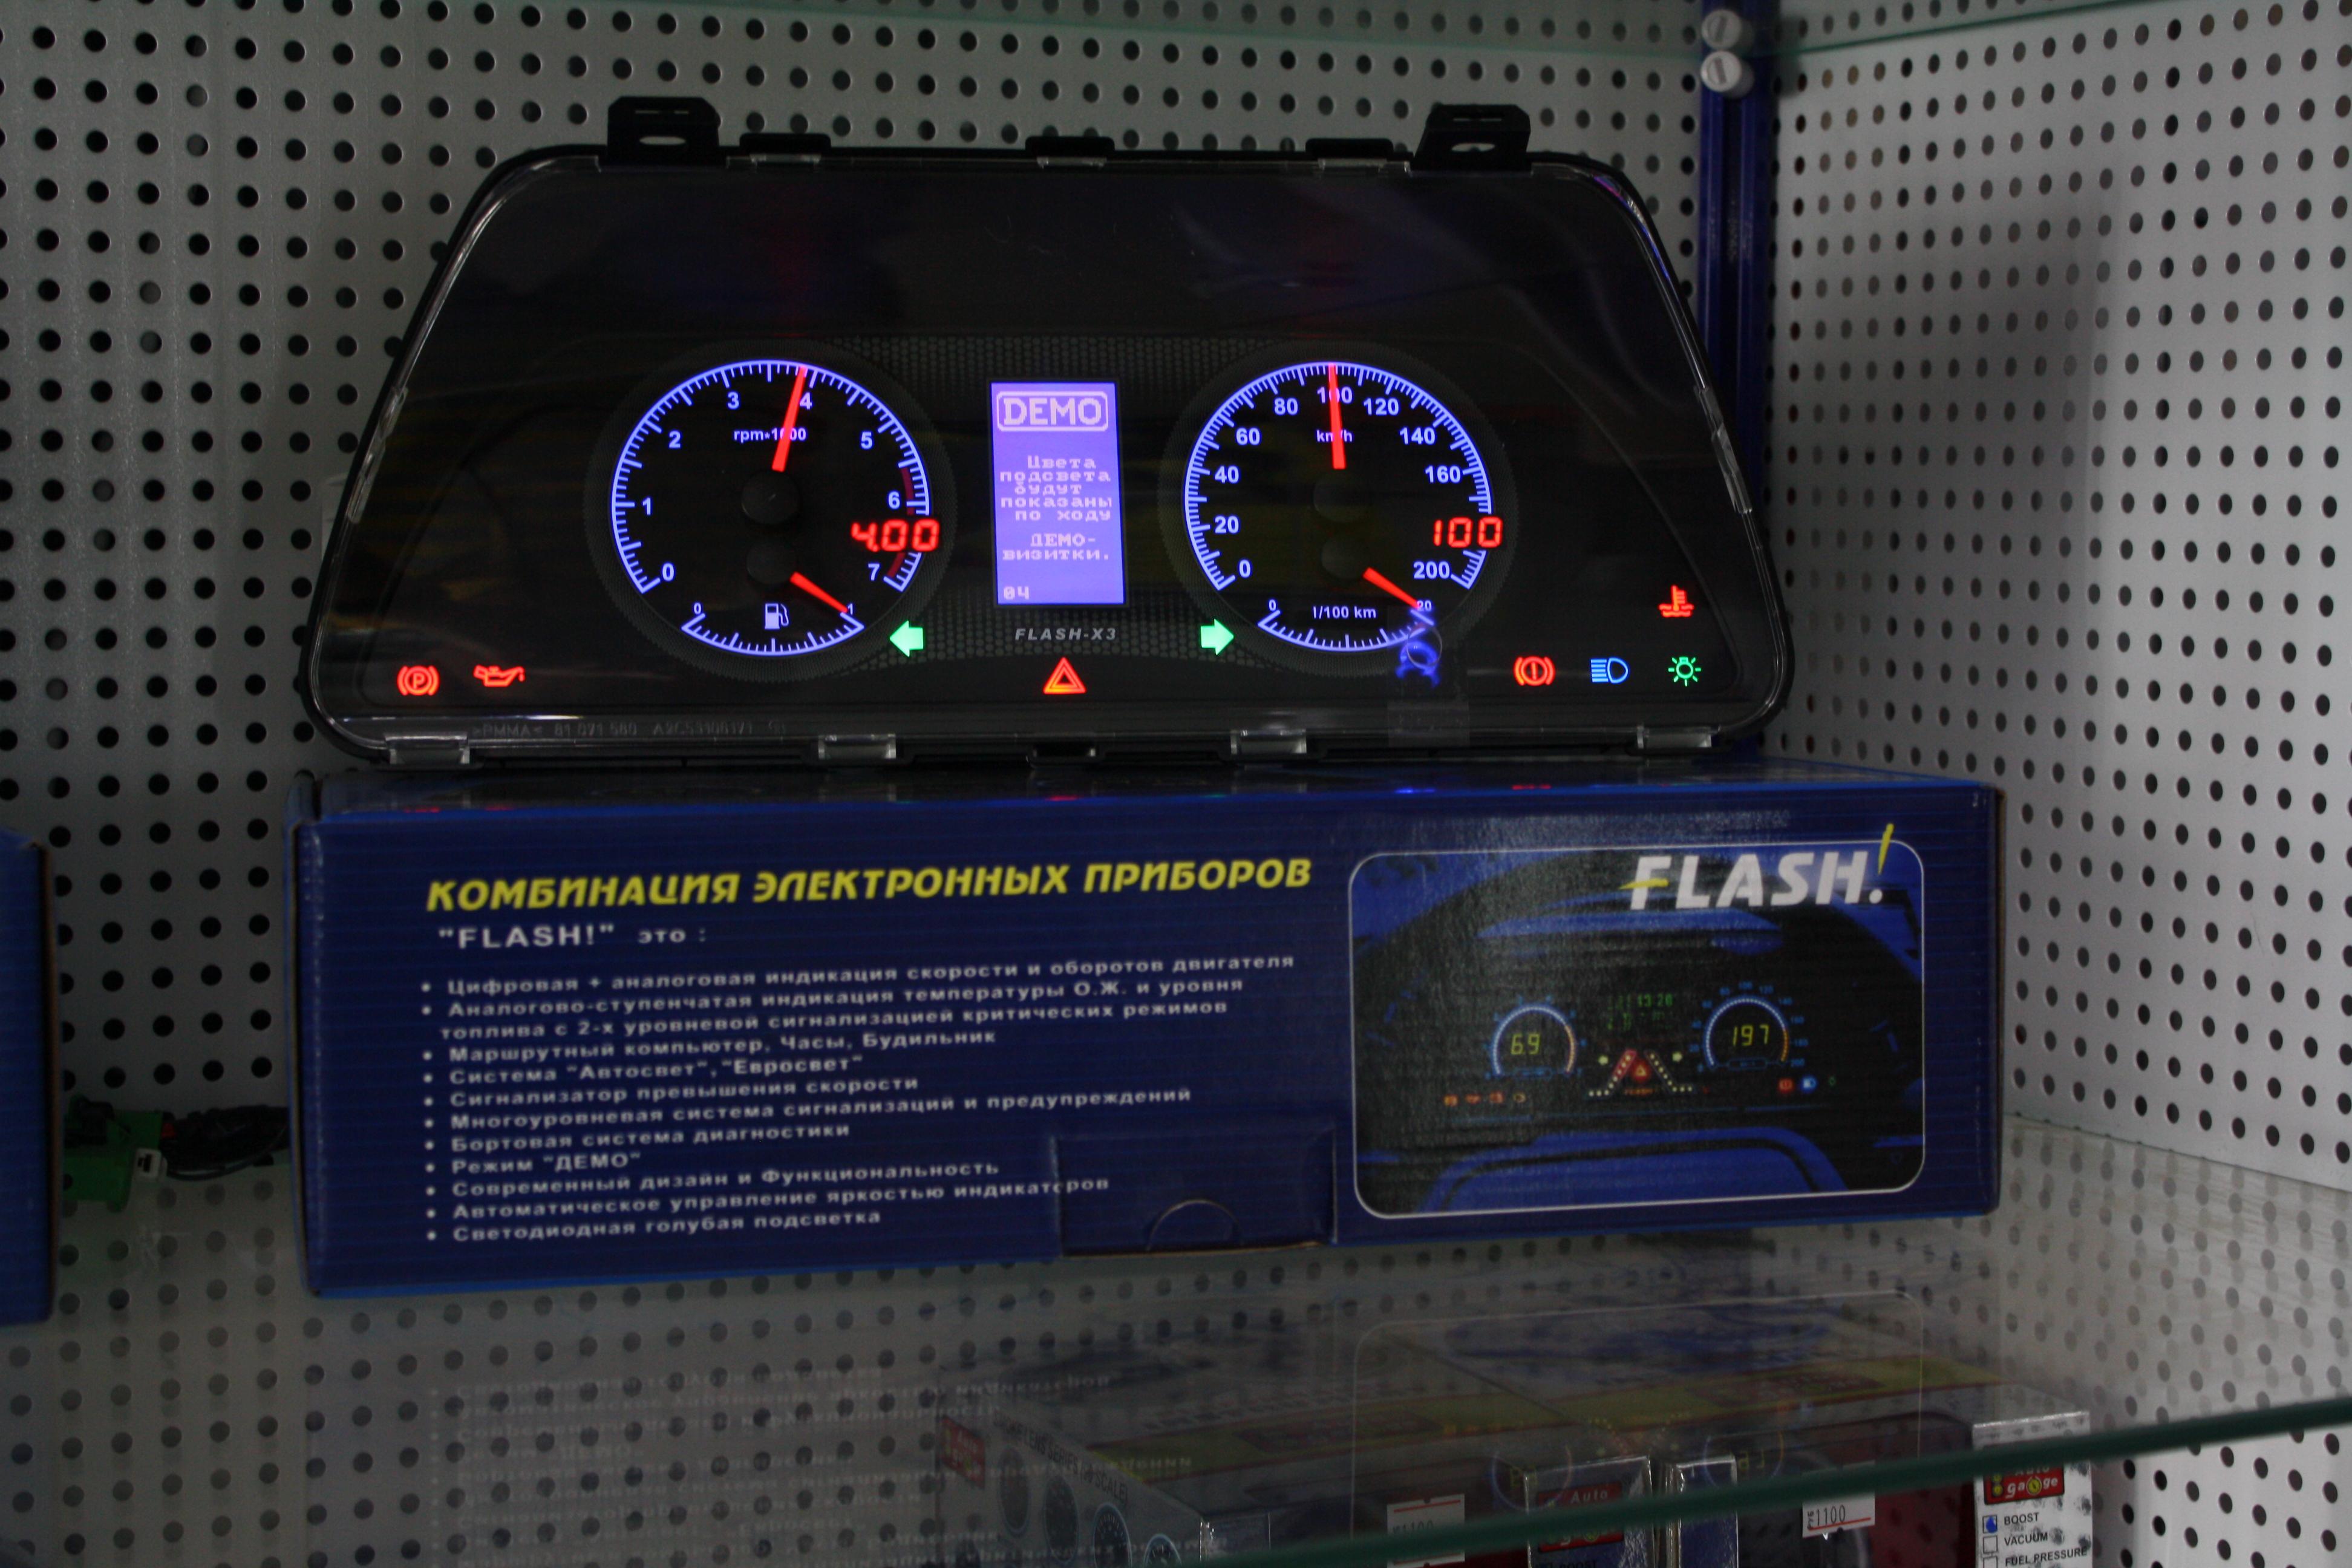 панель приборов flash схема подключения